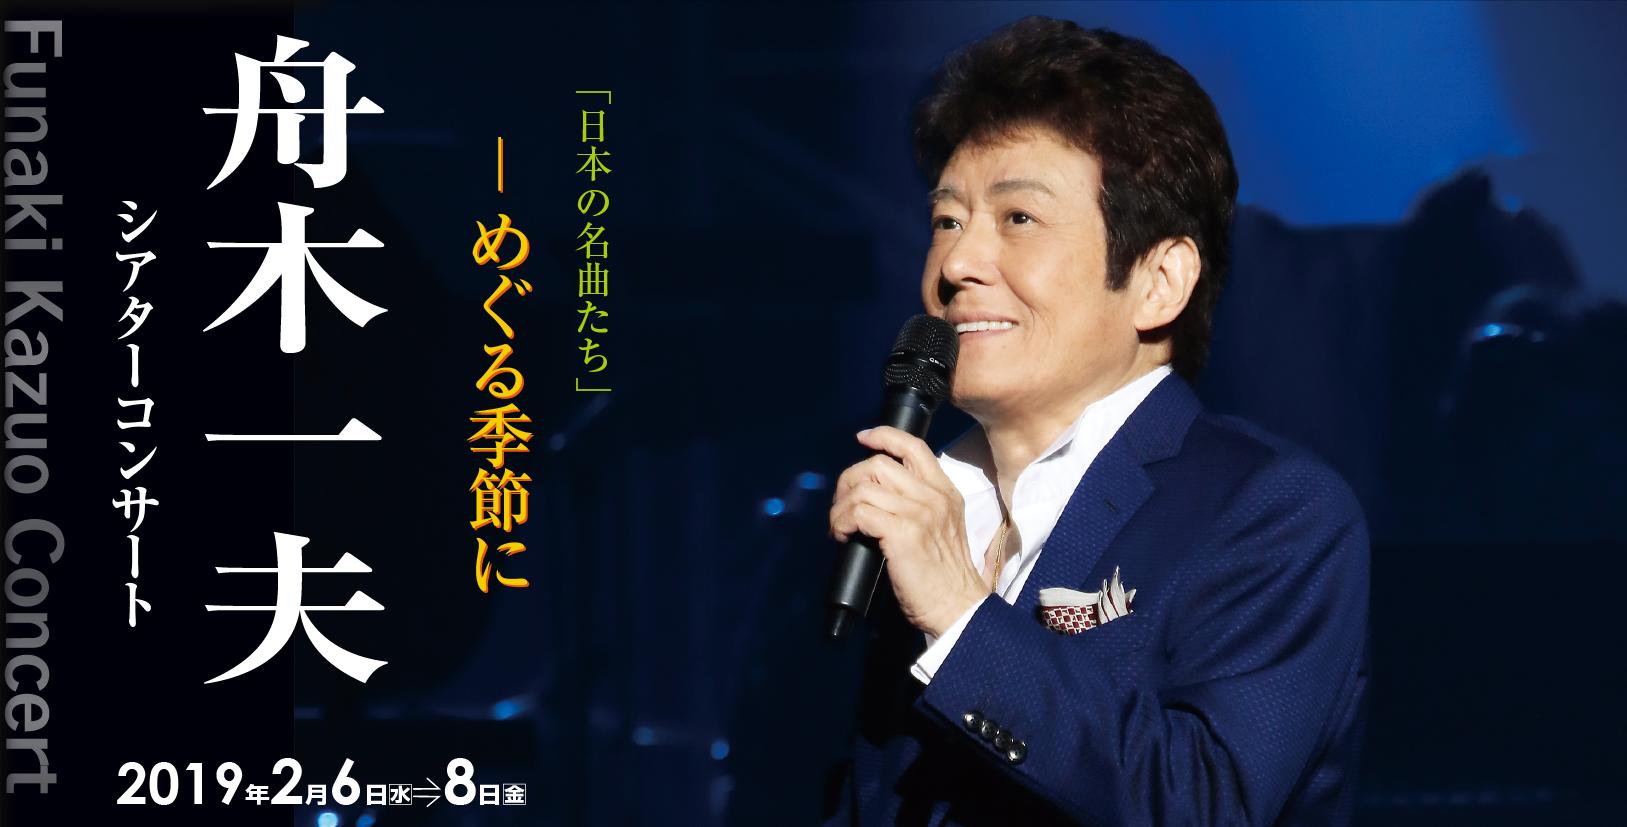 舟木一夫コンサート